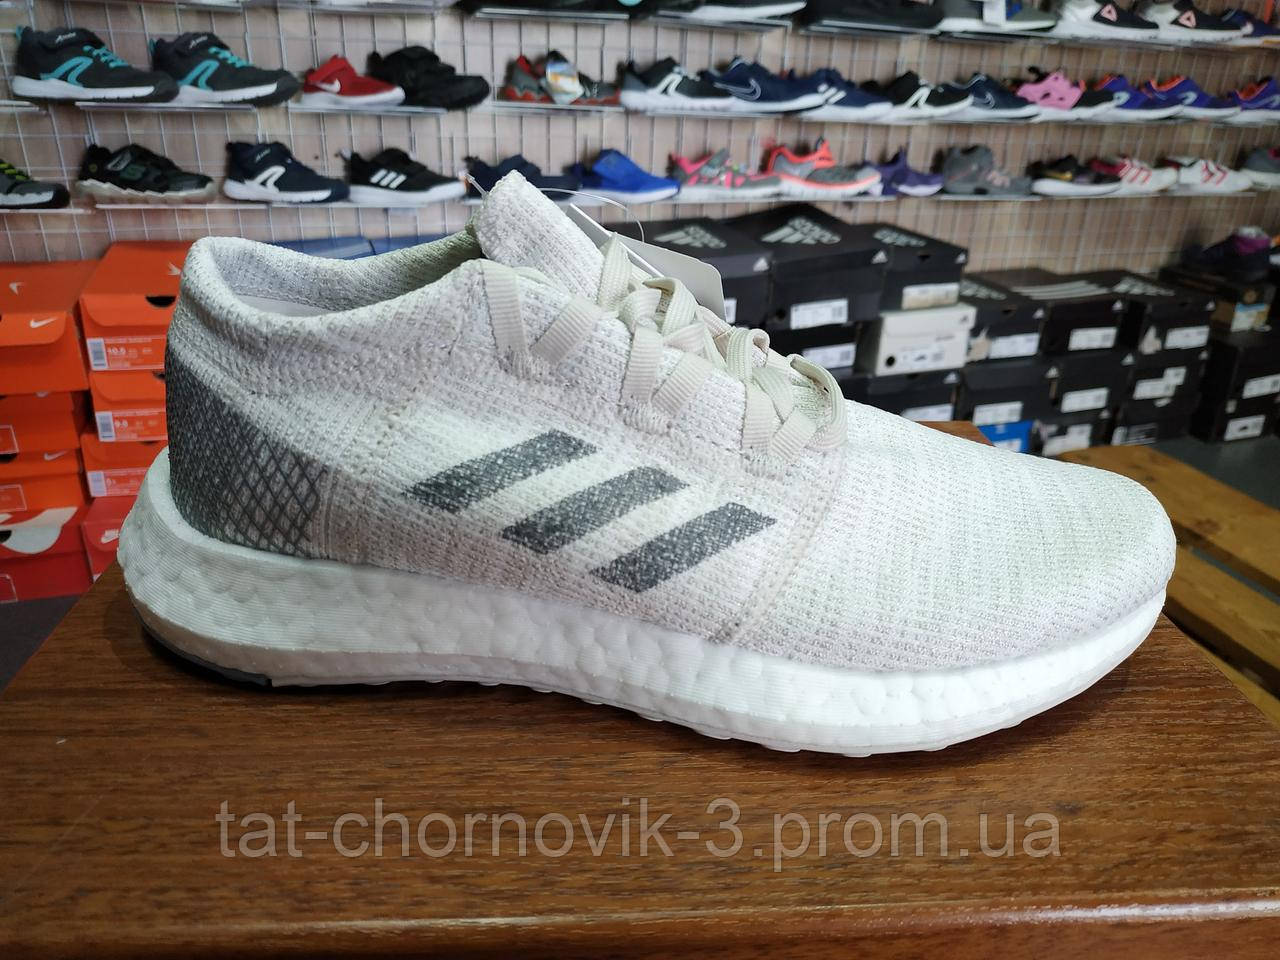 Adidas Pure Boost GO. B75821 Оригинальные женские кроссовки для бега, занятий фитнесом.